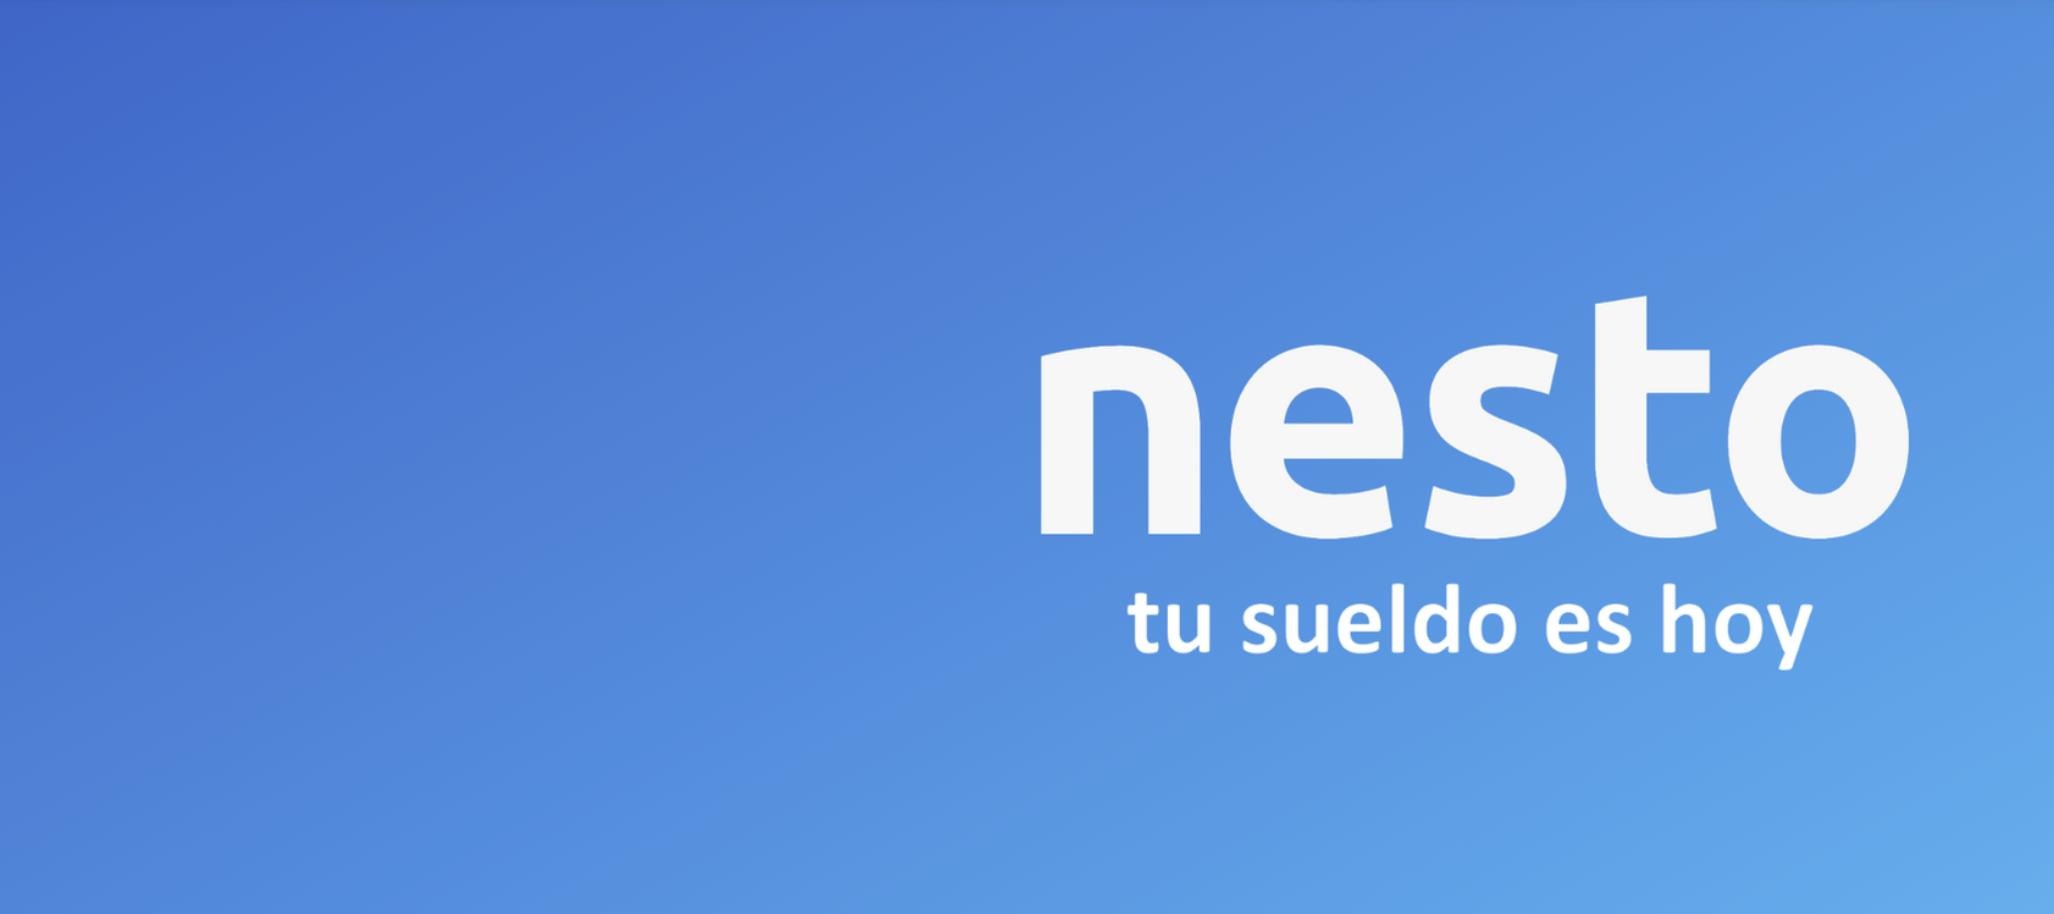 Plataforma Nesto permite acceder a pago de comisiones on demand